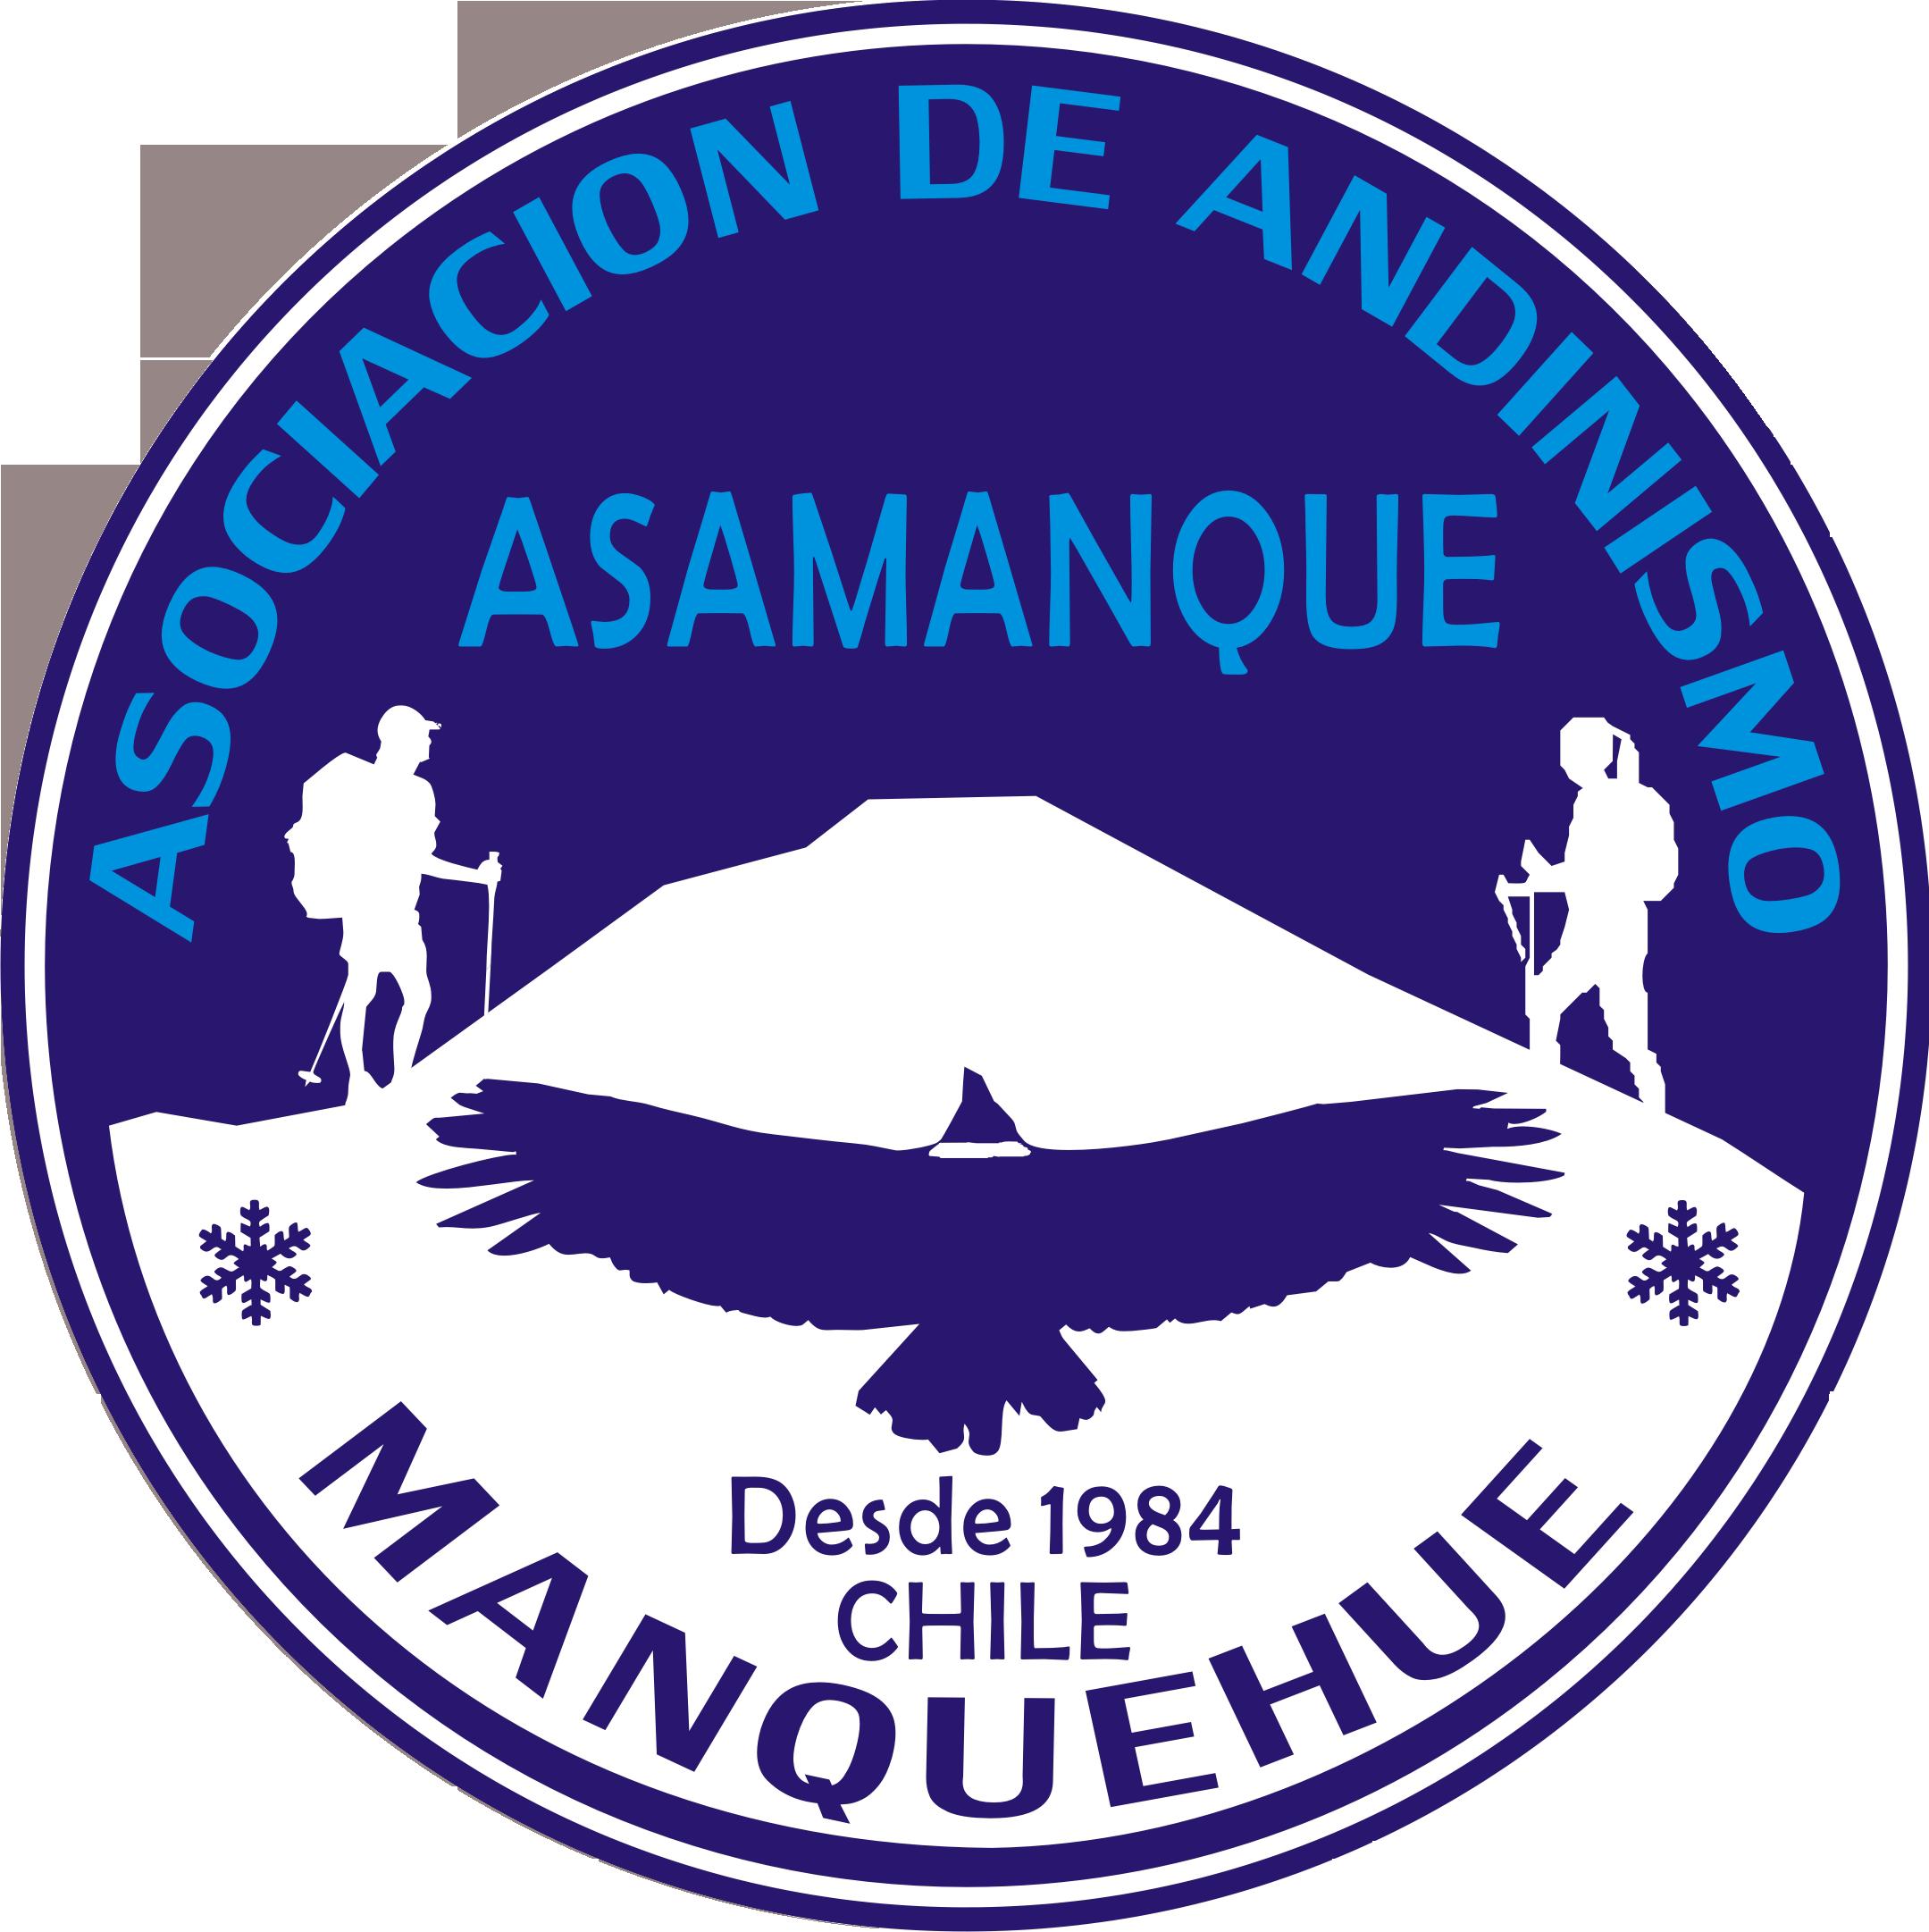 asamanque